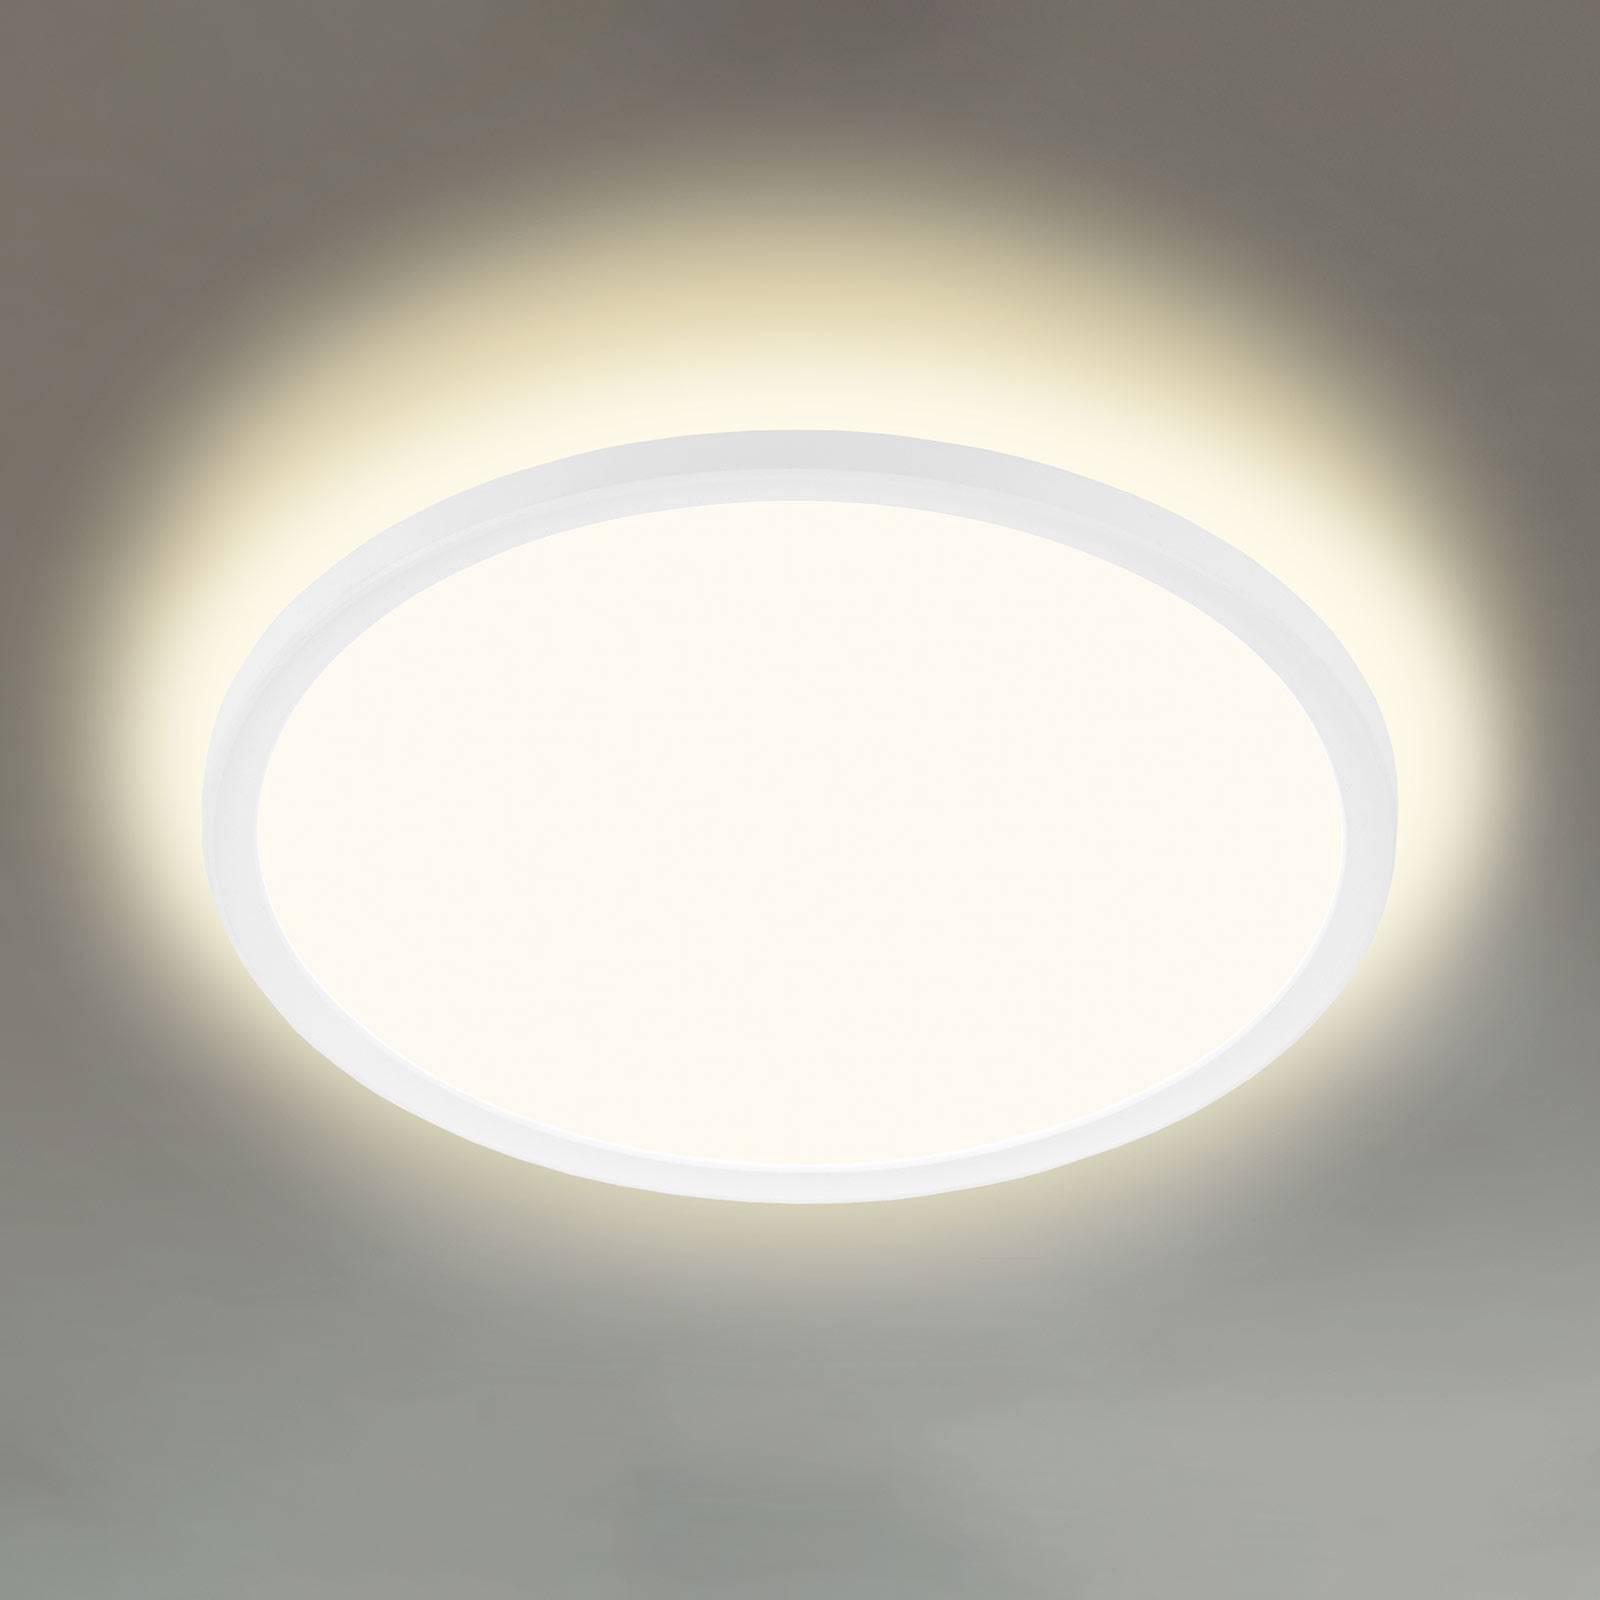 LED-kattovalaisin 7155/7157, pyöreä, 29,3 cm